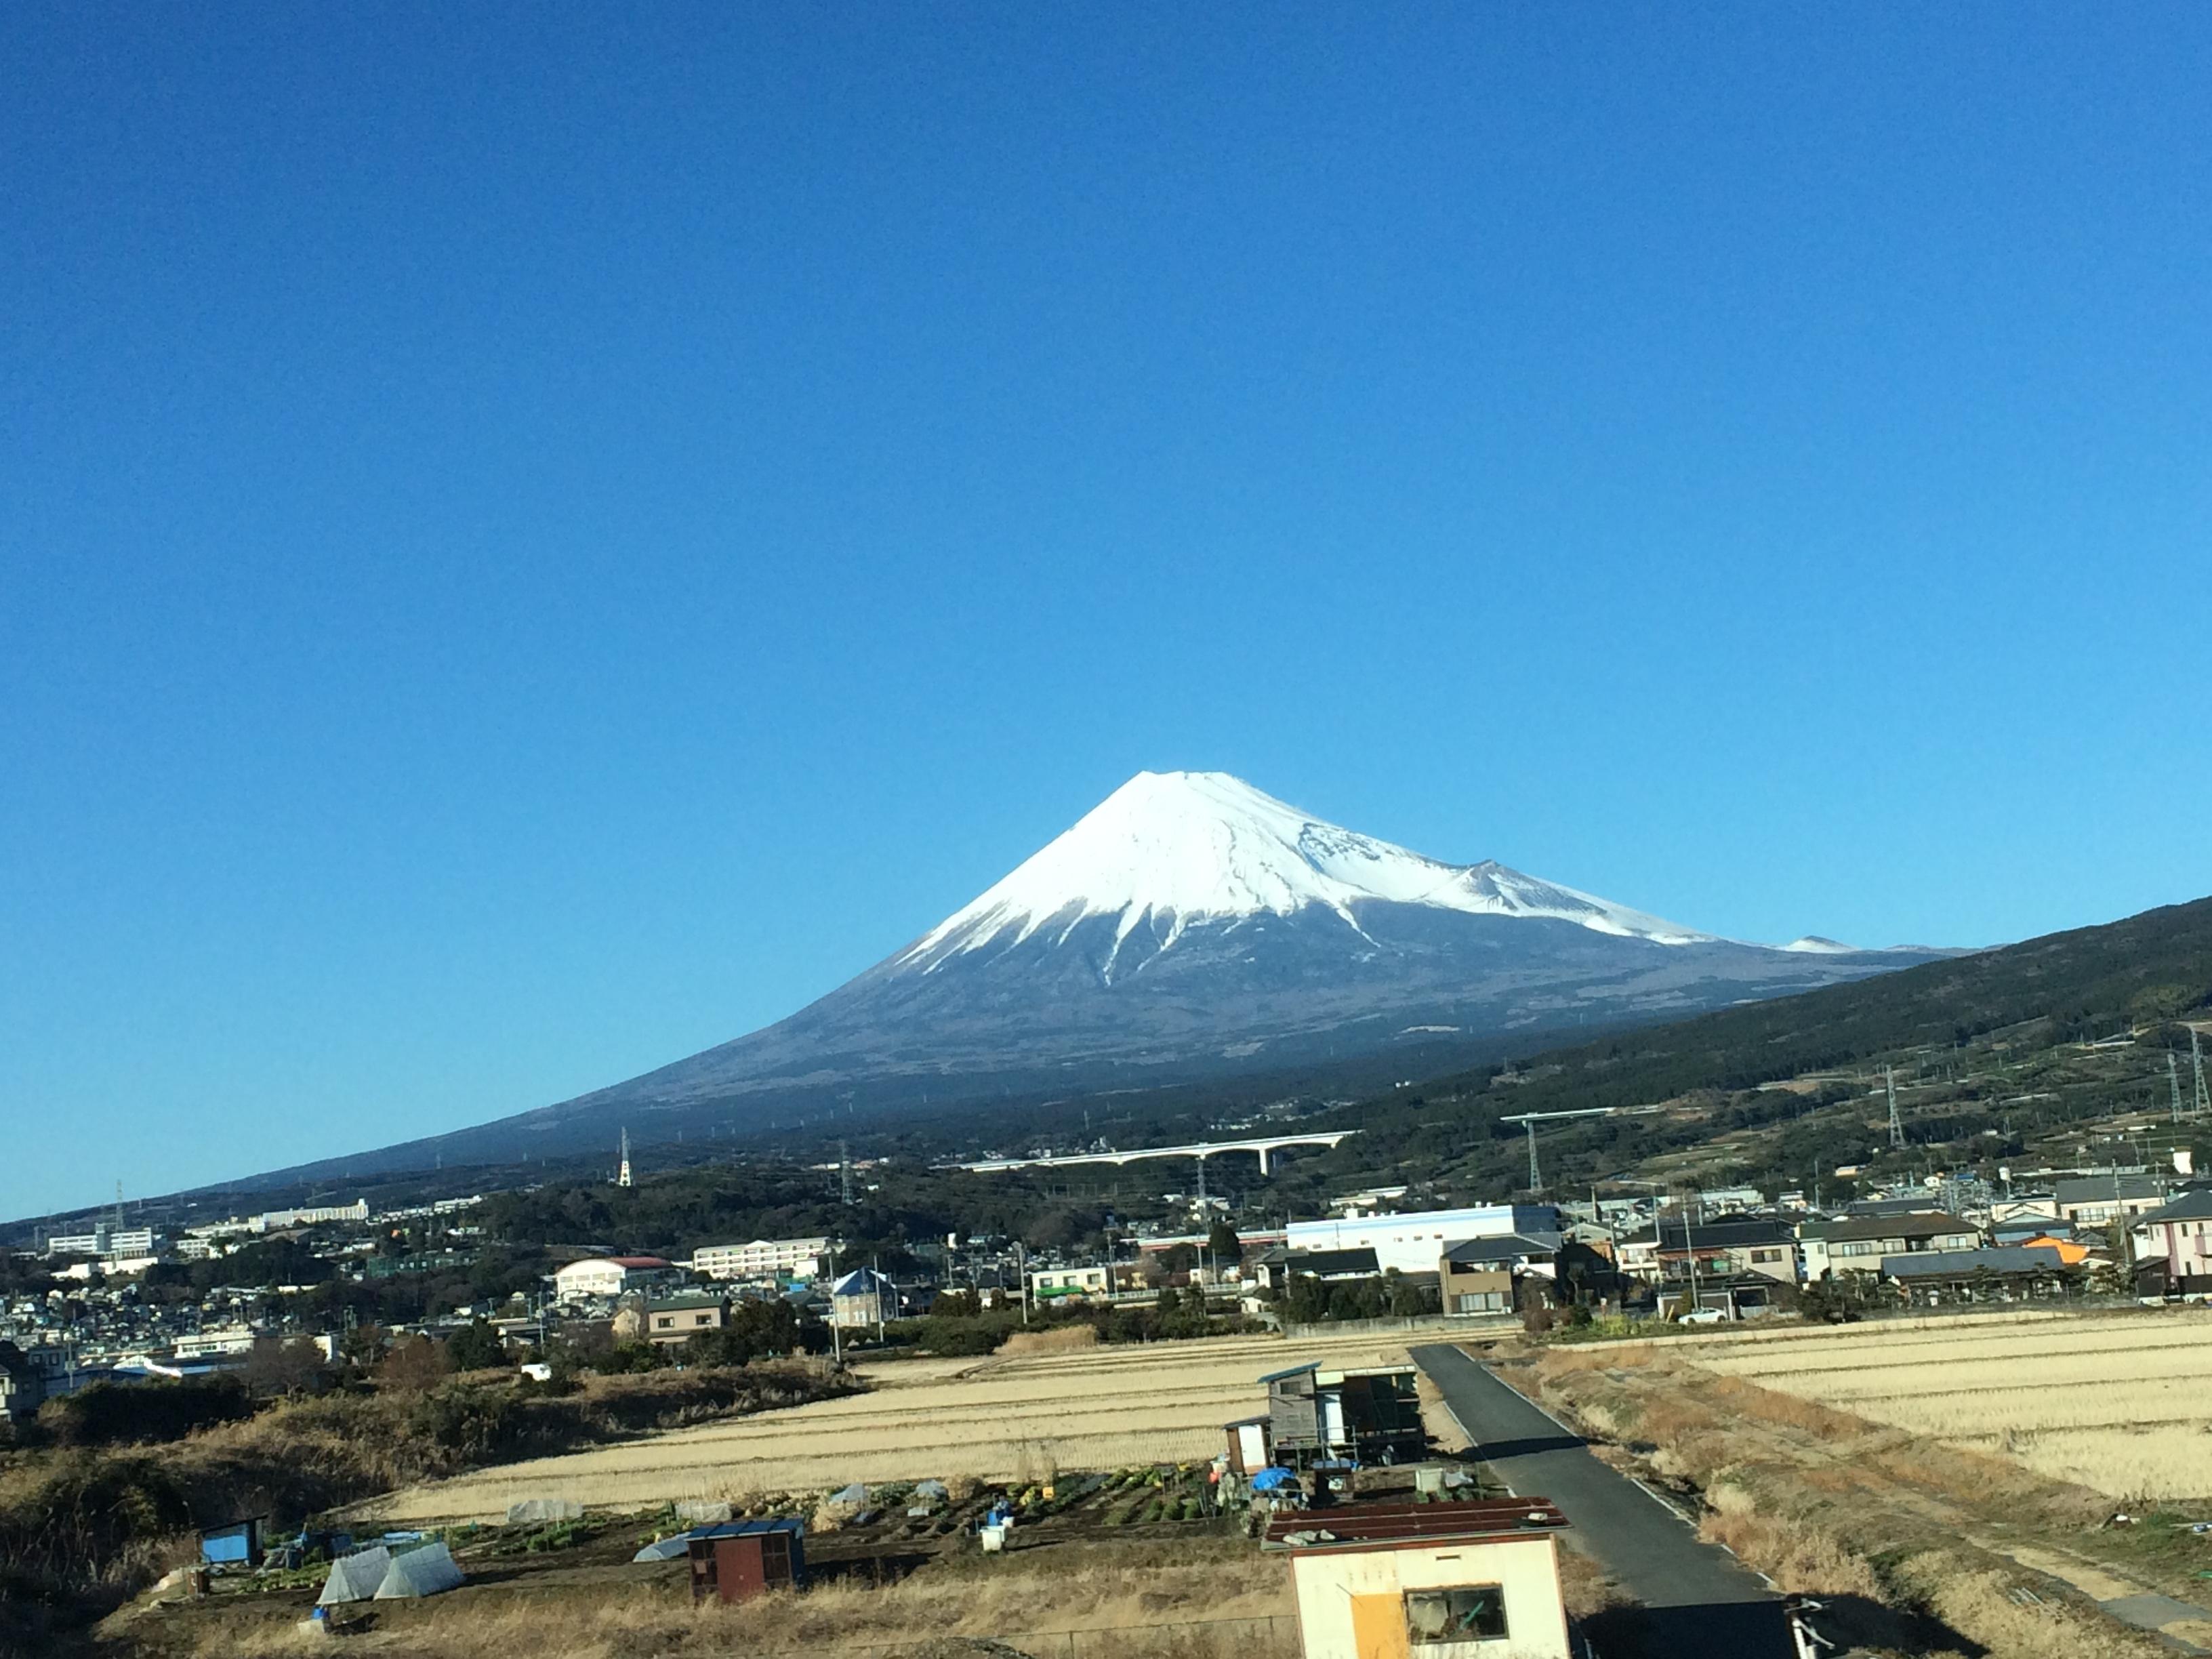 新幹線からiPhoneで富士山を撮影したよ!